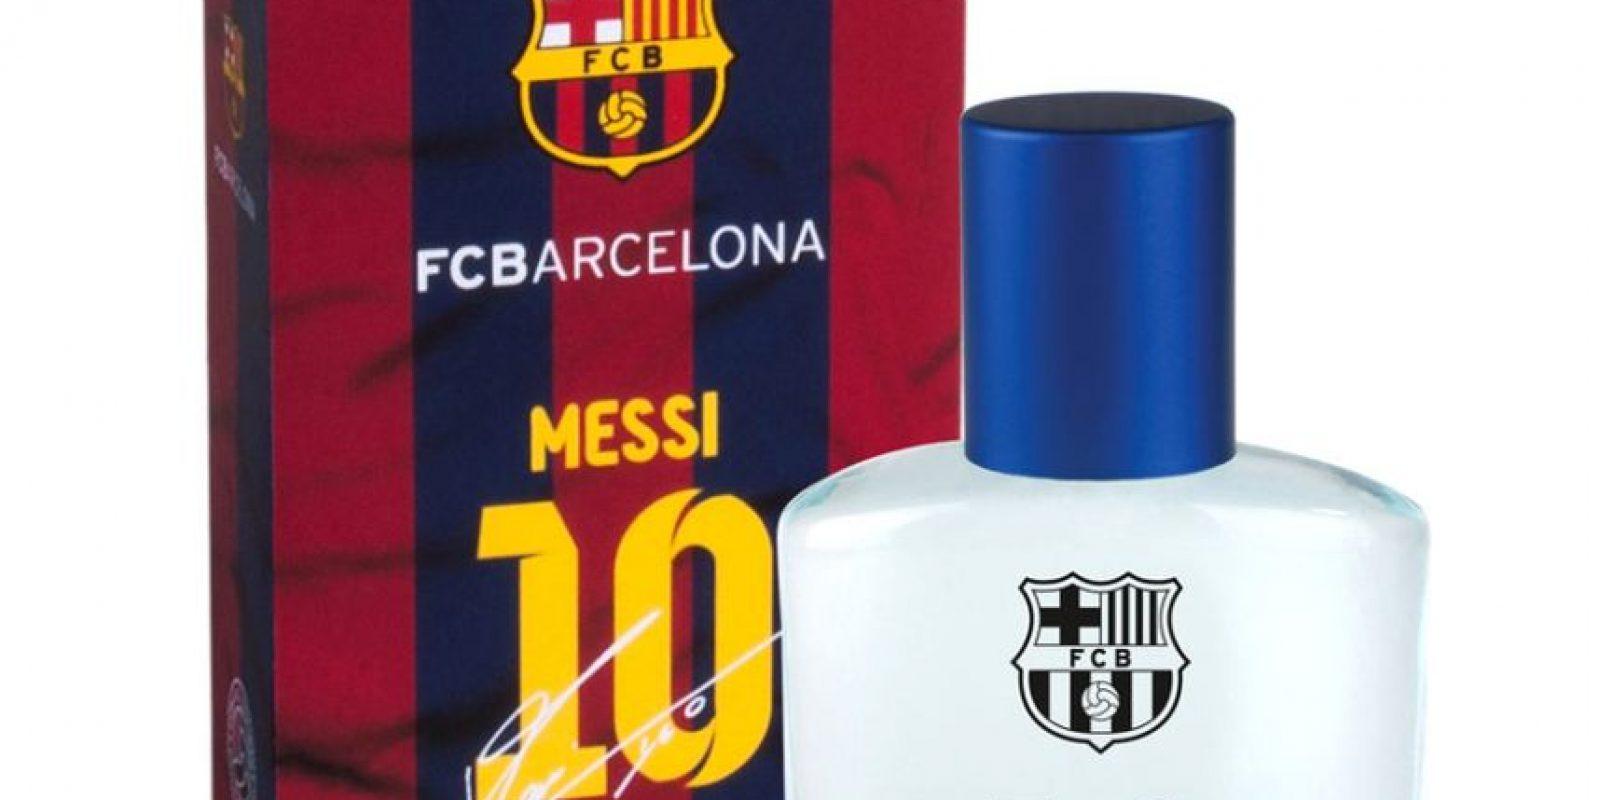 La más exitosa de ellas fue el perfume de Lionel Messi. Foto:mercadolibre.com.mx